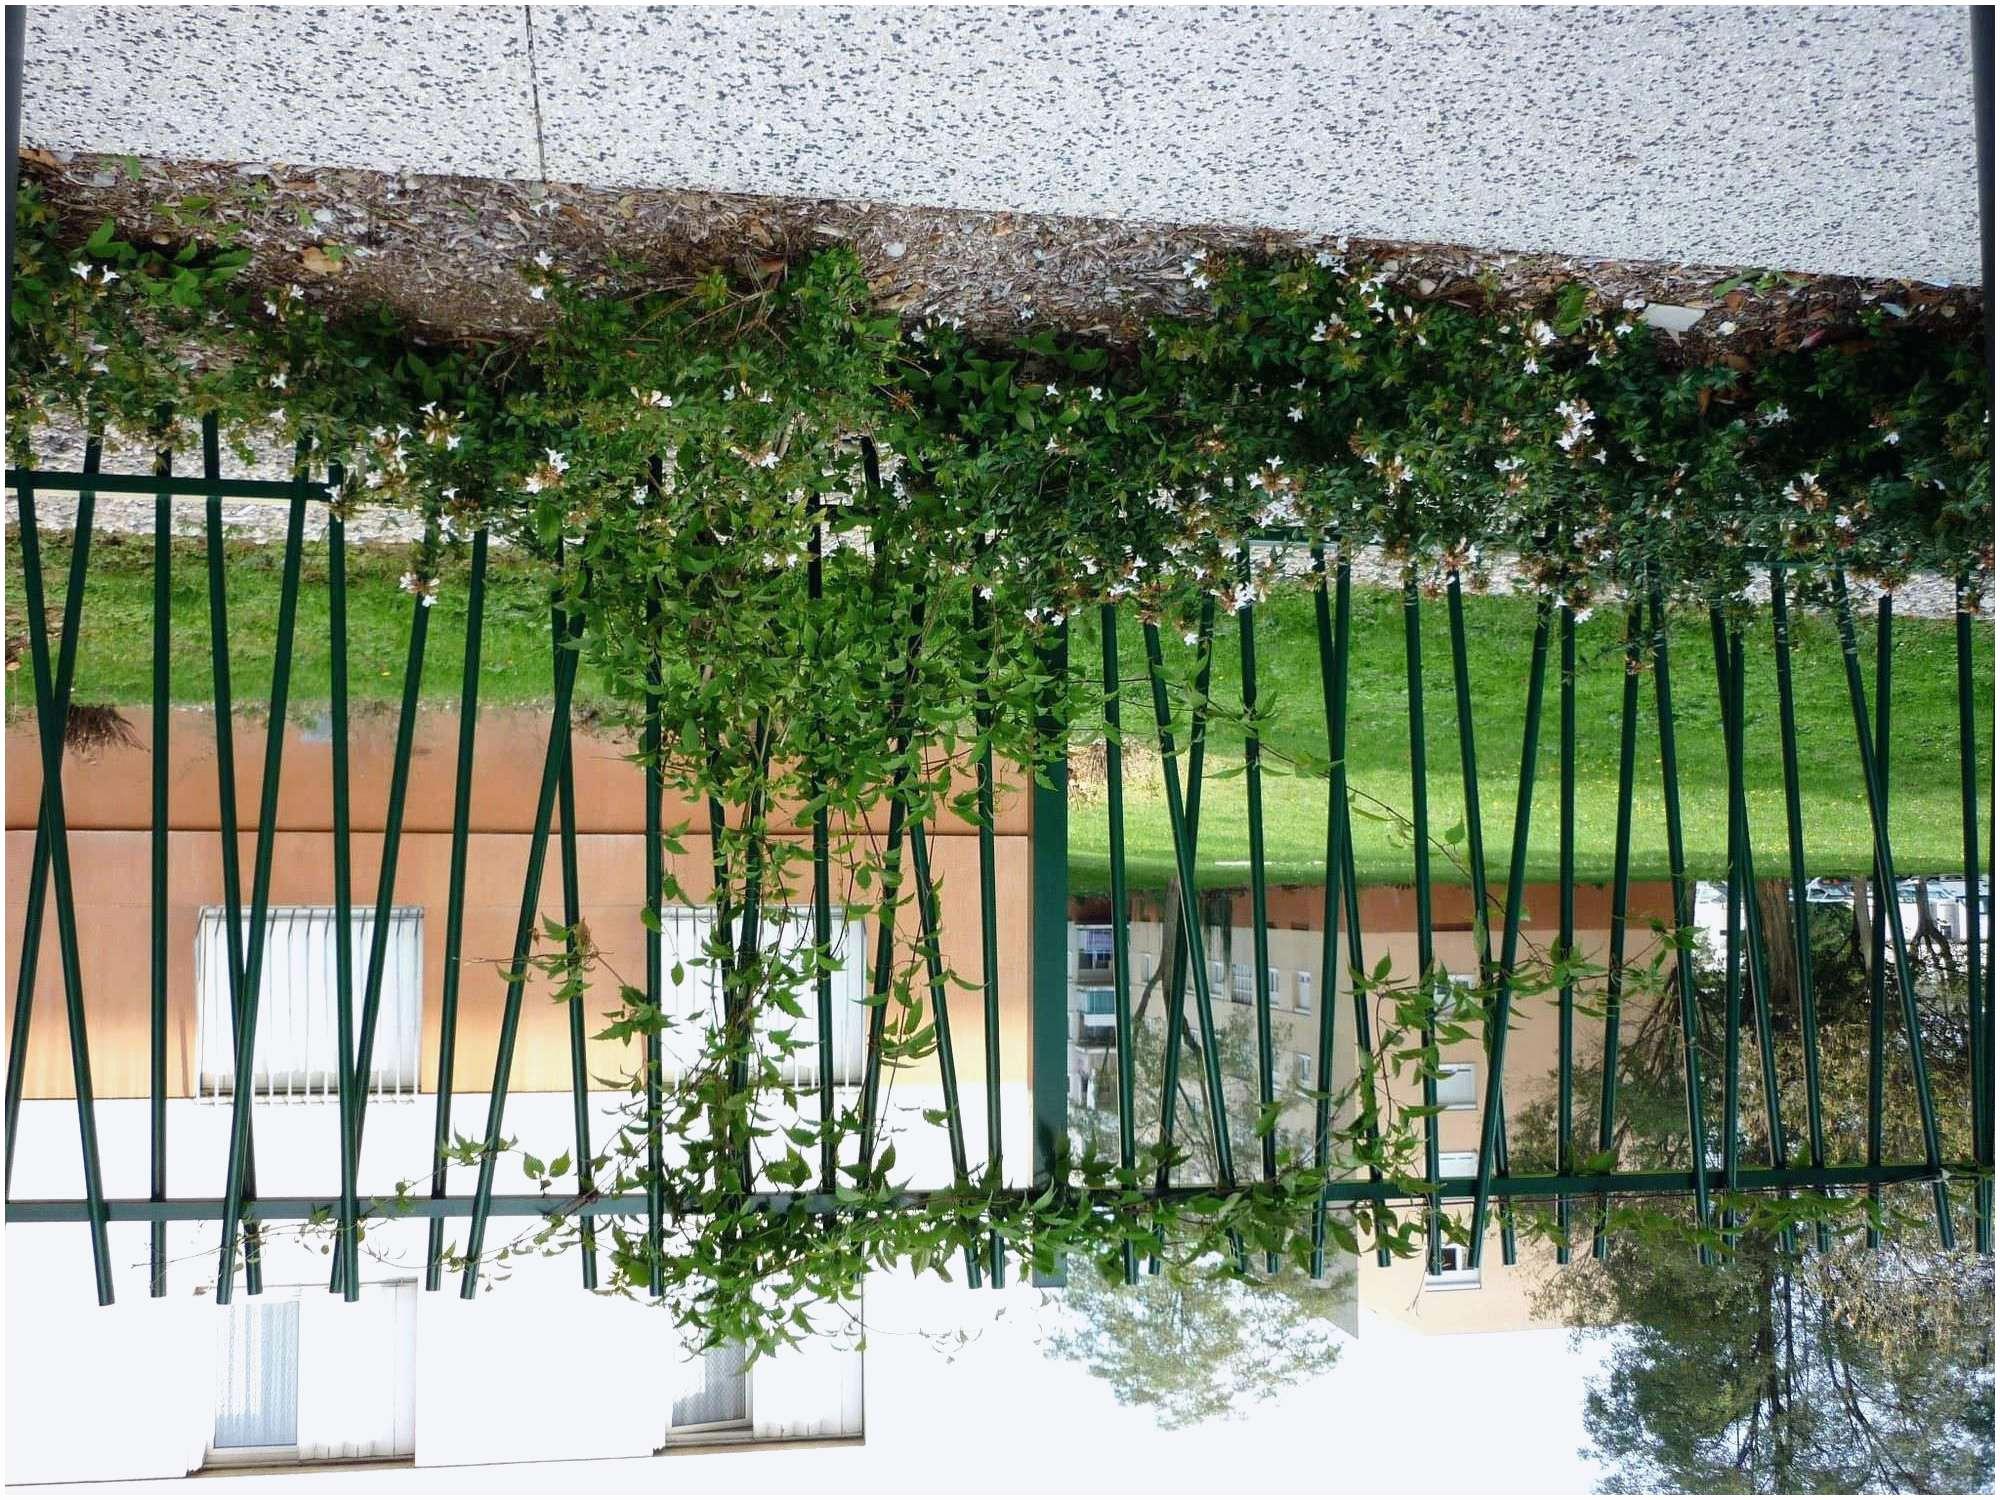 cabane jardin castorama luxe impressionnant luxe castorama chaise de jardin jardin and piscine pour of cabane jardin castorama